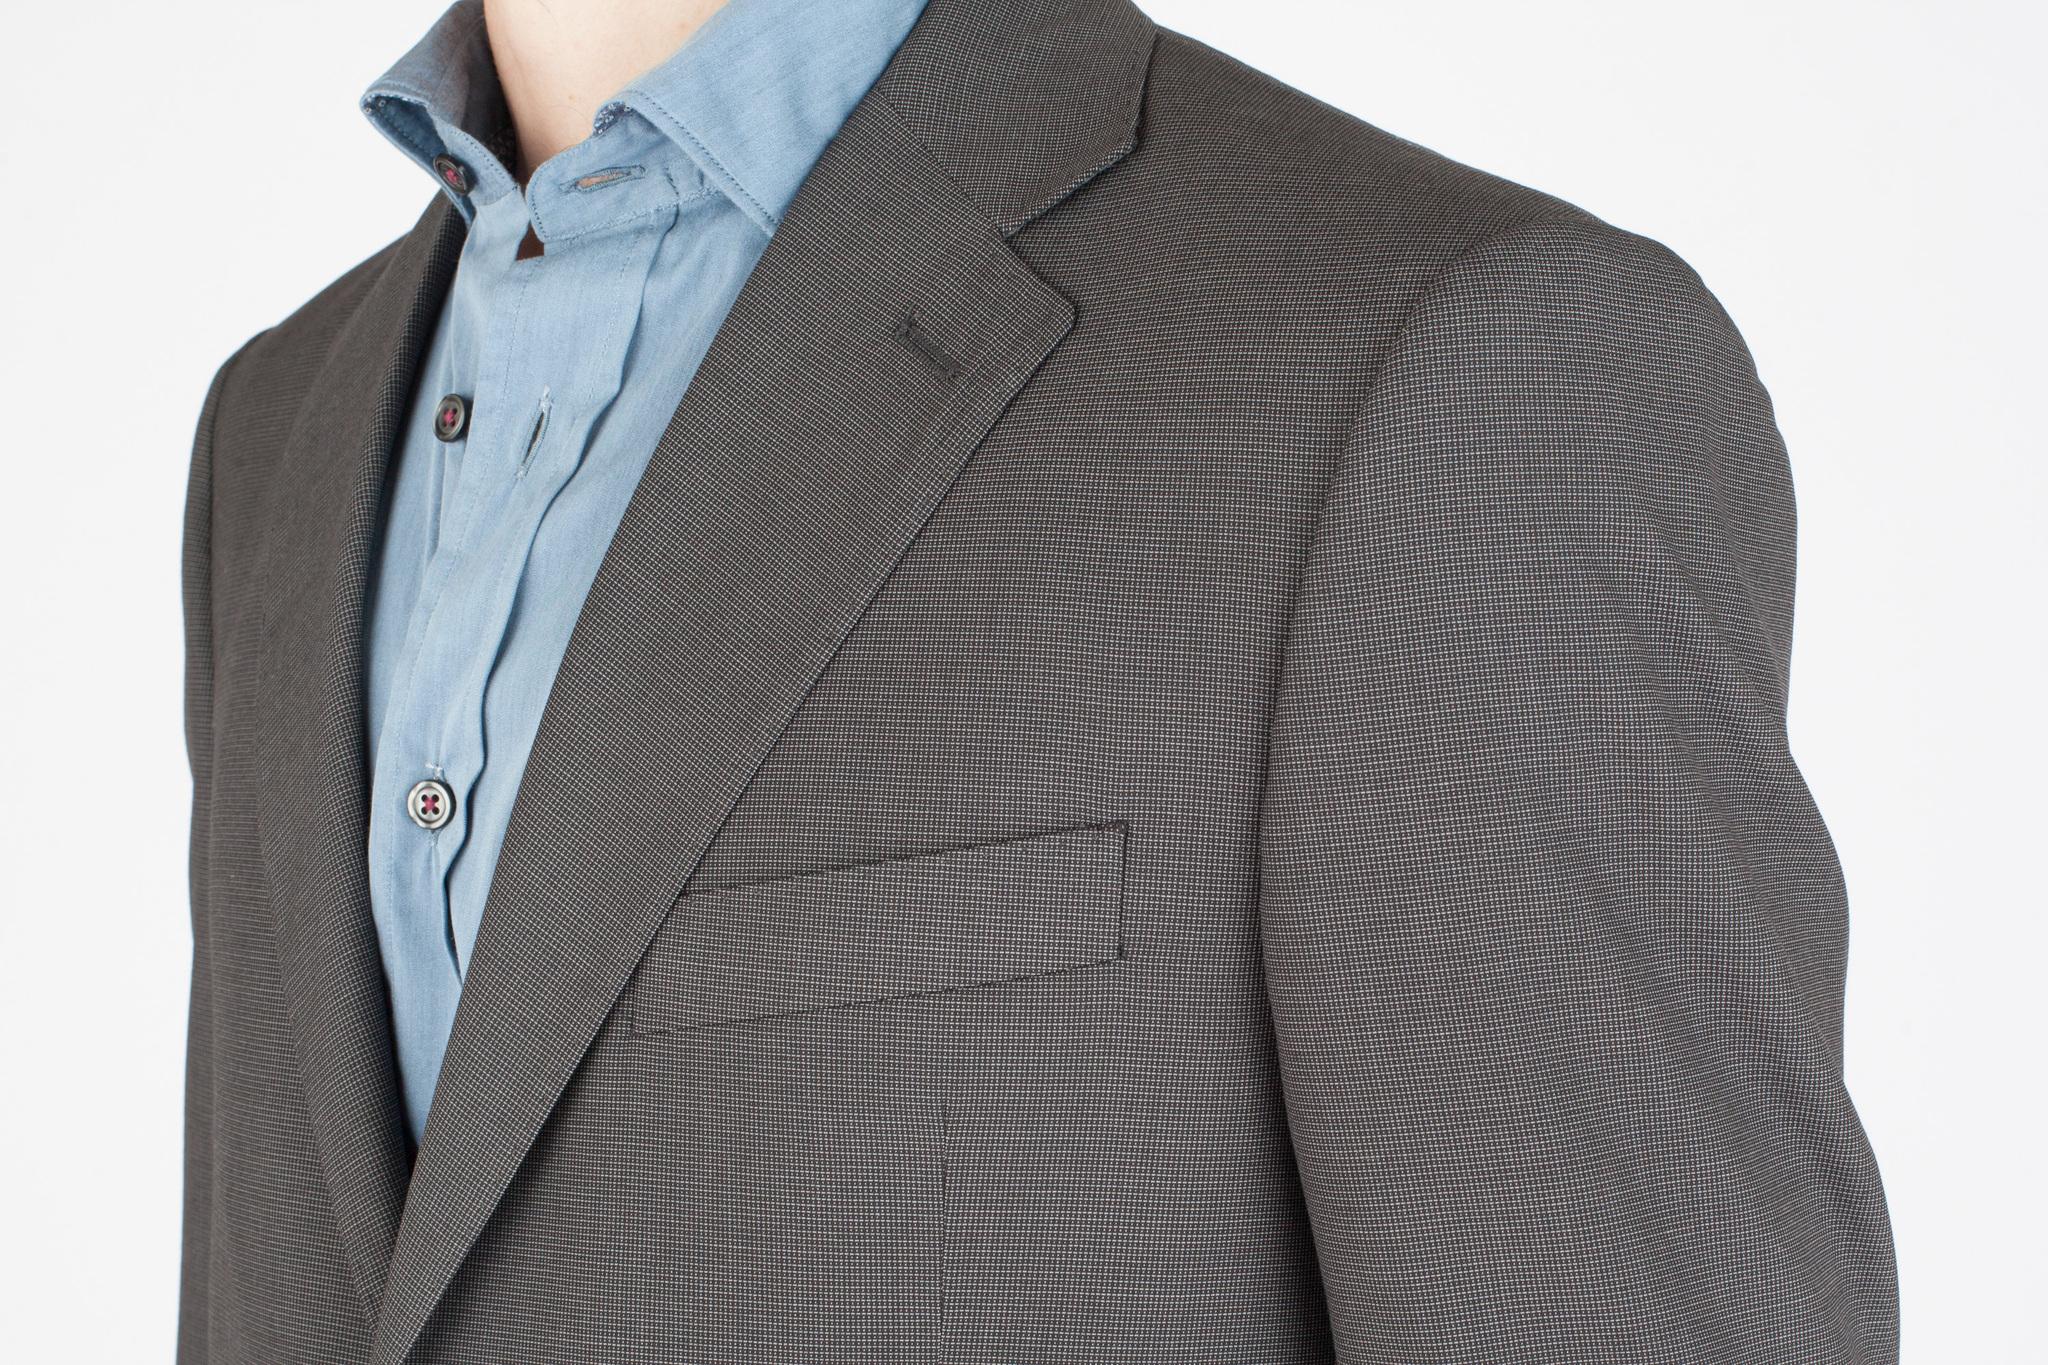 Серый шерстяной костюм в мельчайшую клетку-крапинку, нагрудный карман